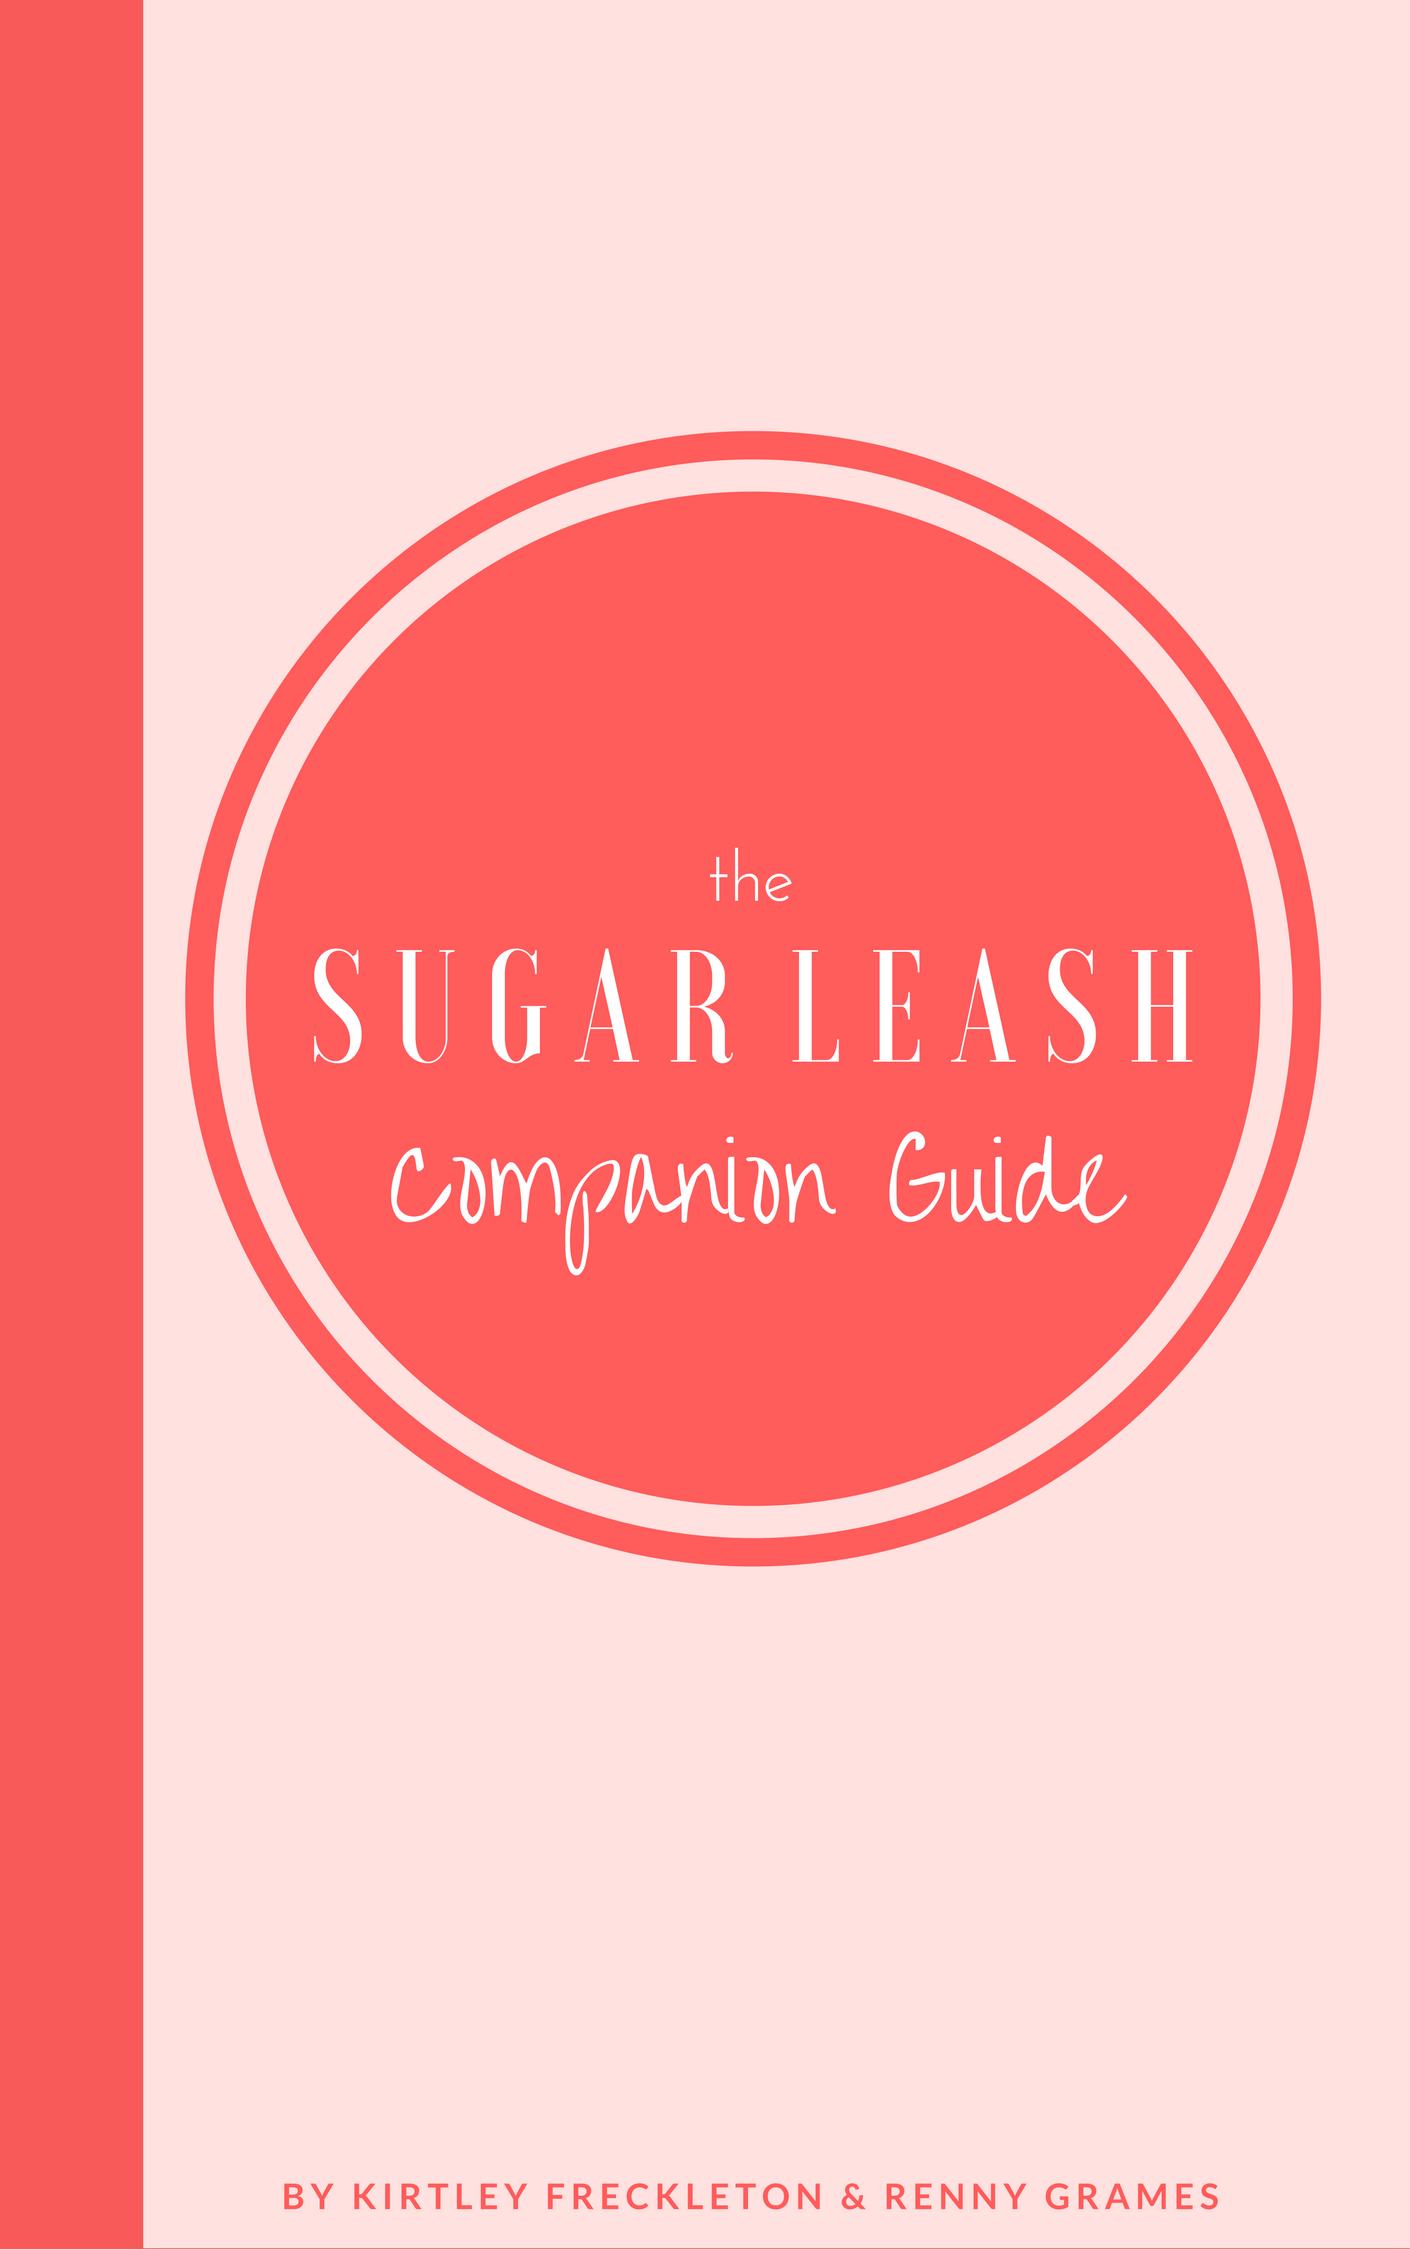 The Sugar Leash Companion Guide.png